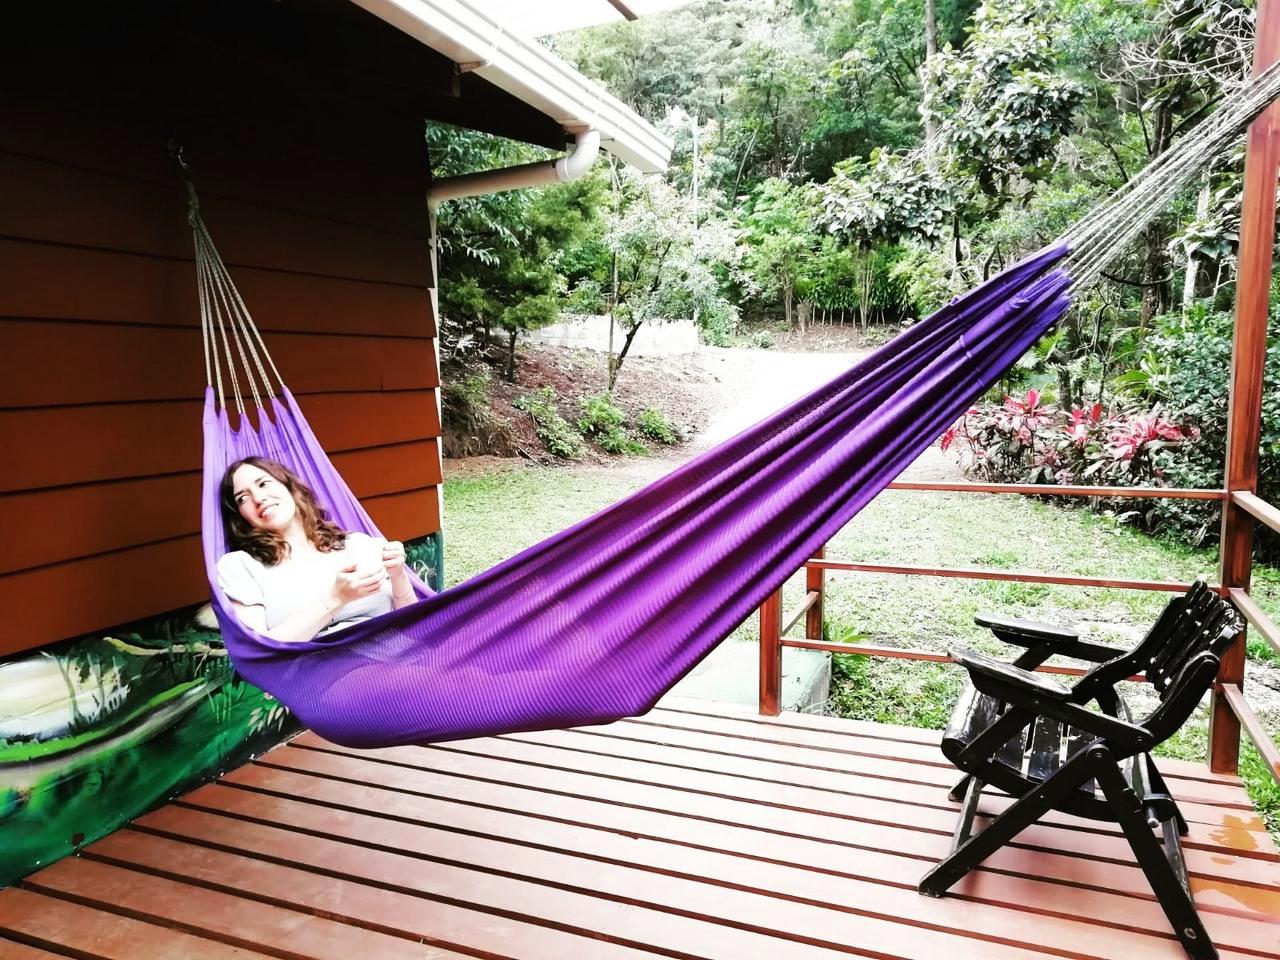 Descansando en la cabaña de madera de Los Pinos, en Monteverde.